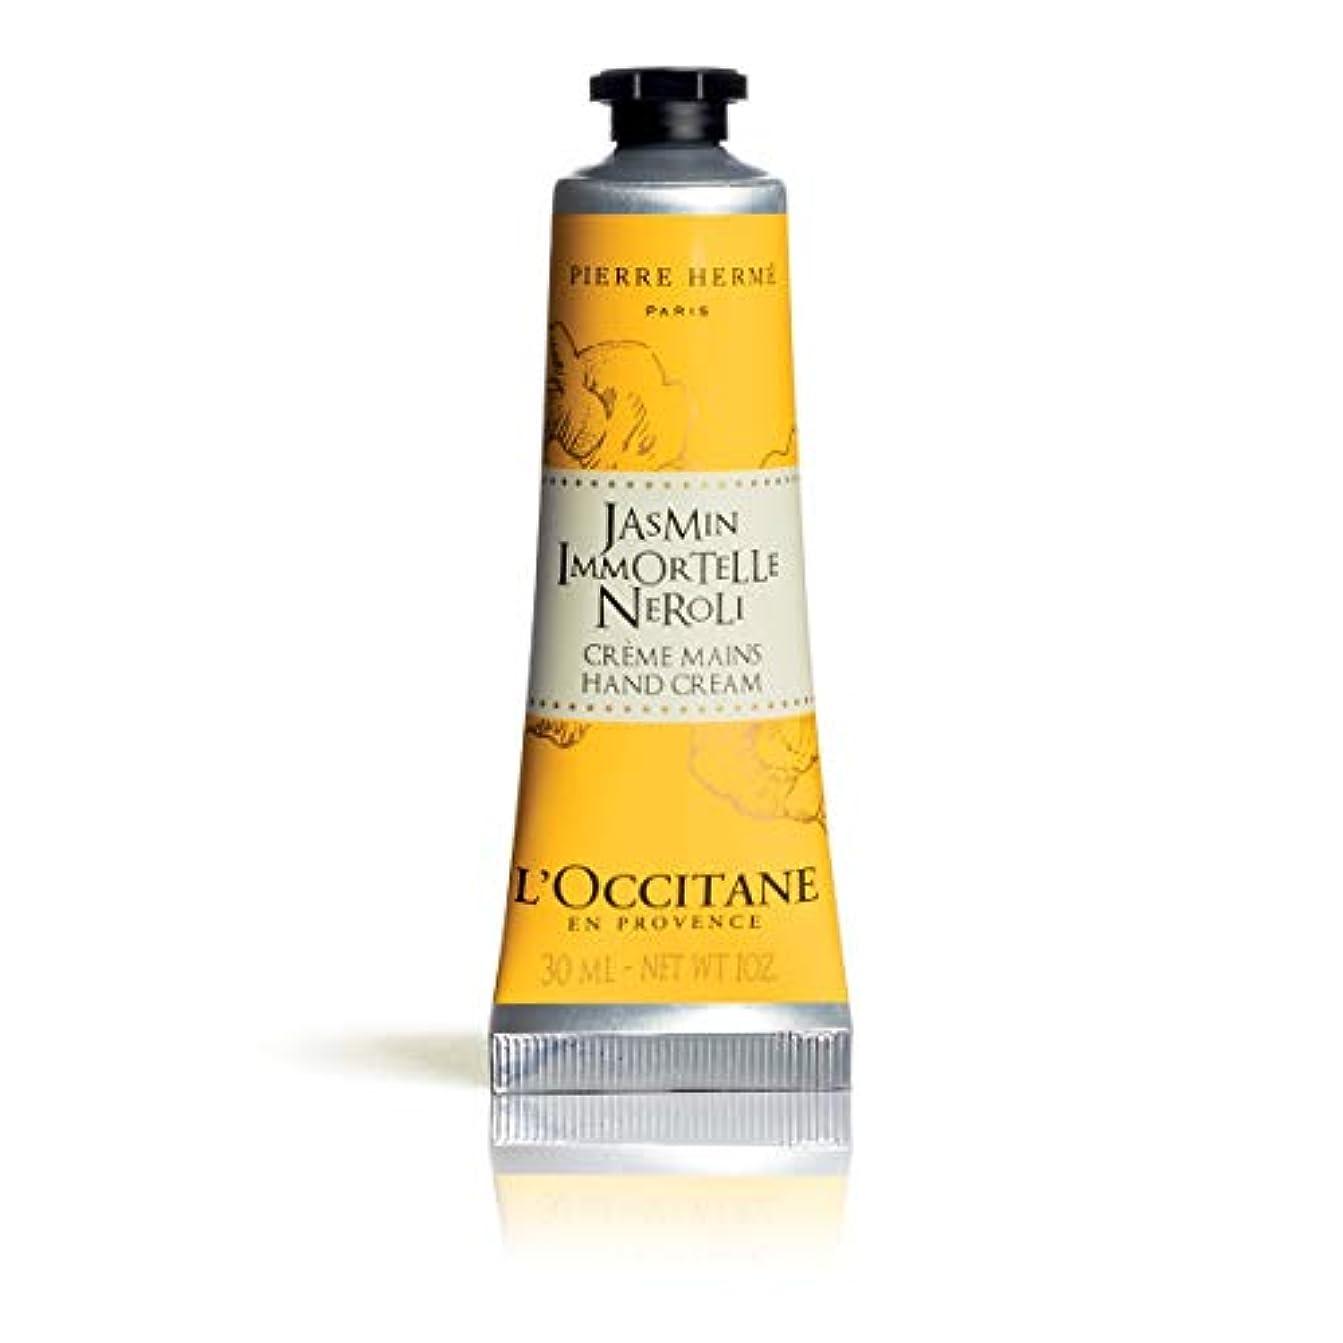 ご予約ナース権限ロクシタン(L'OCCITANE) ジャスミンイモーテルネロリ ハンドクリーム 30ml